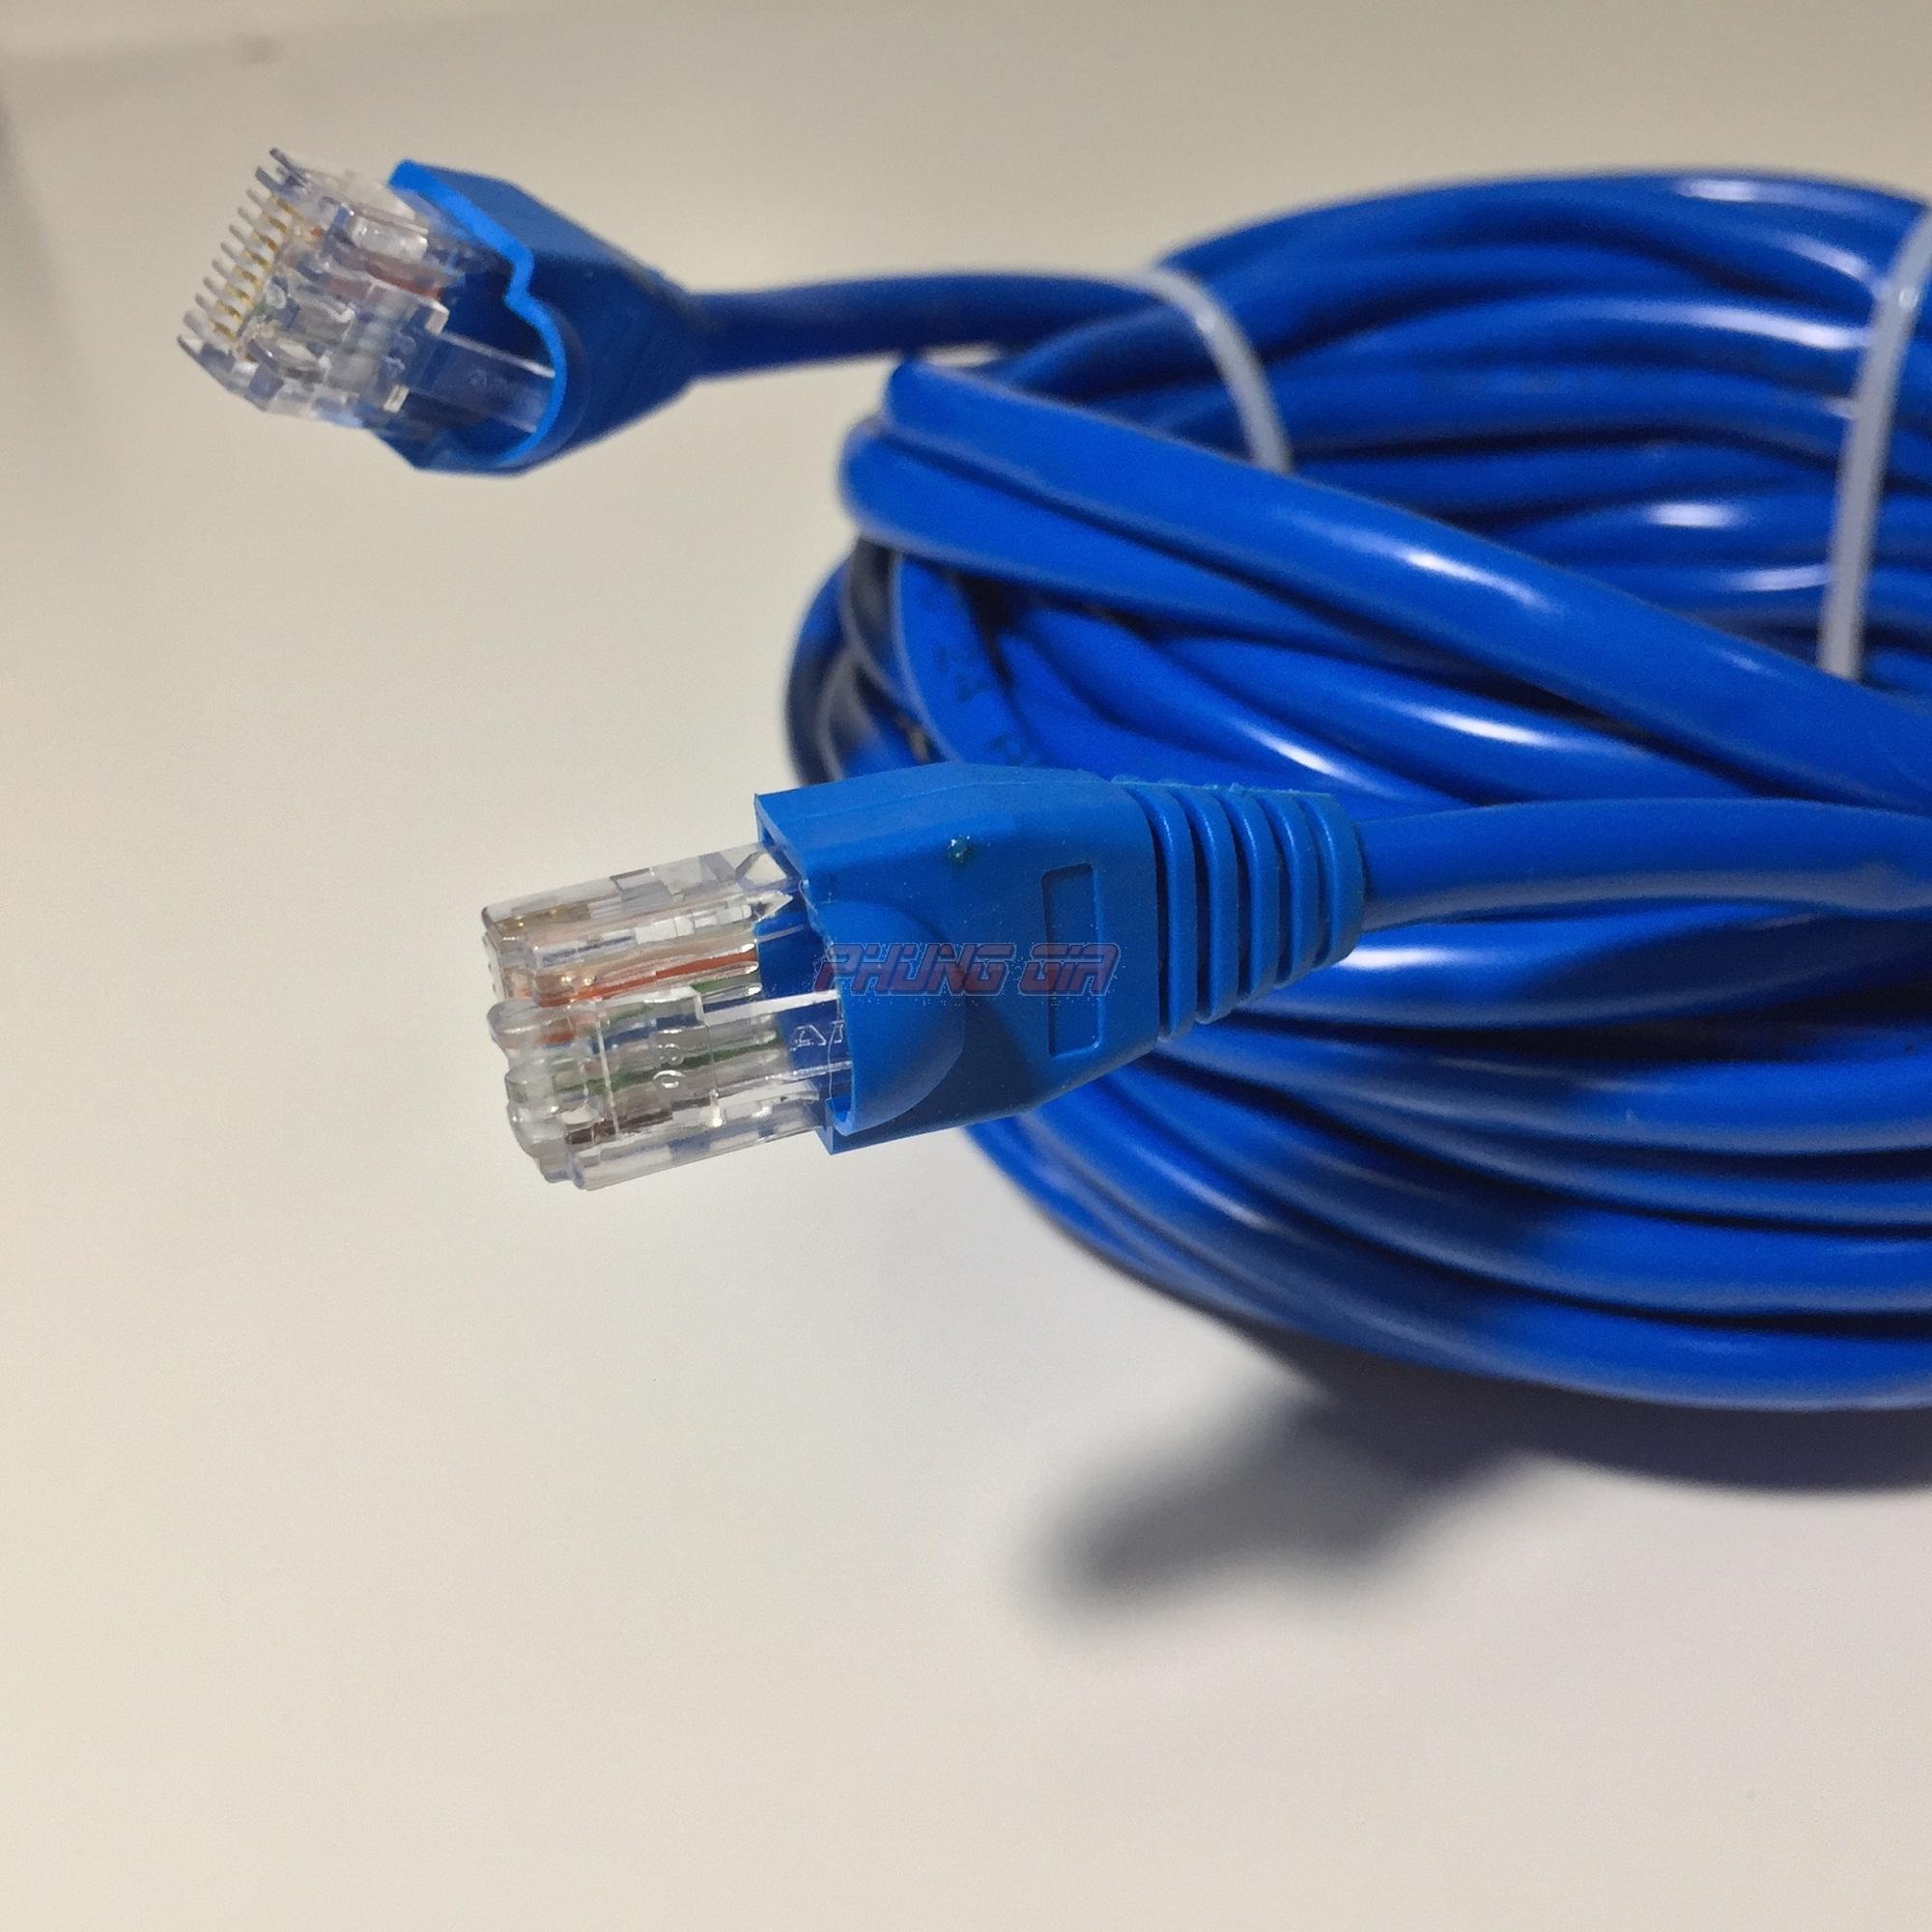 Dây mạng LAN 15 Mét HT-Cat5E UTP – Bấm sẵn 2 đầu